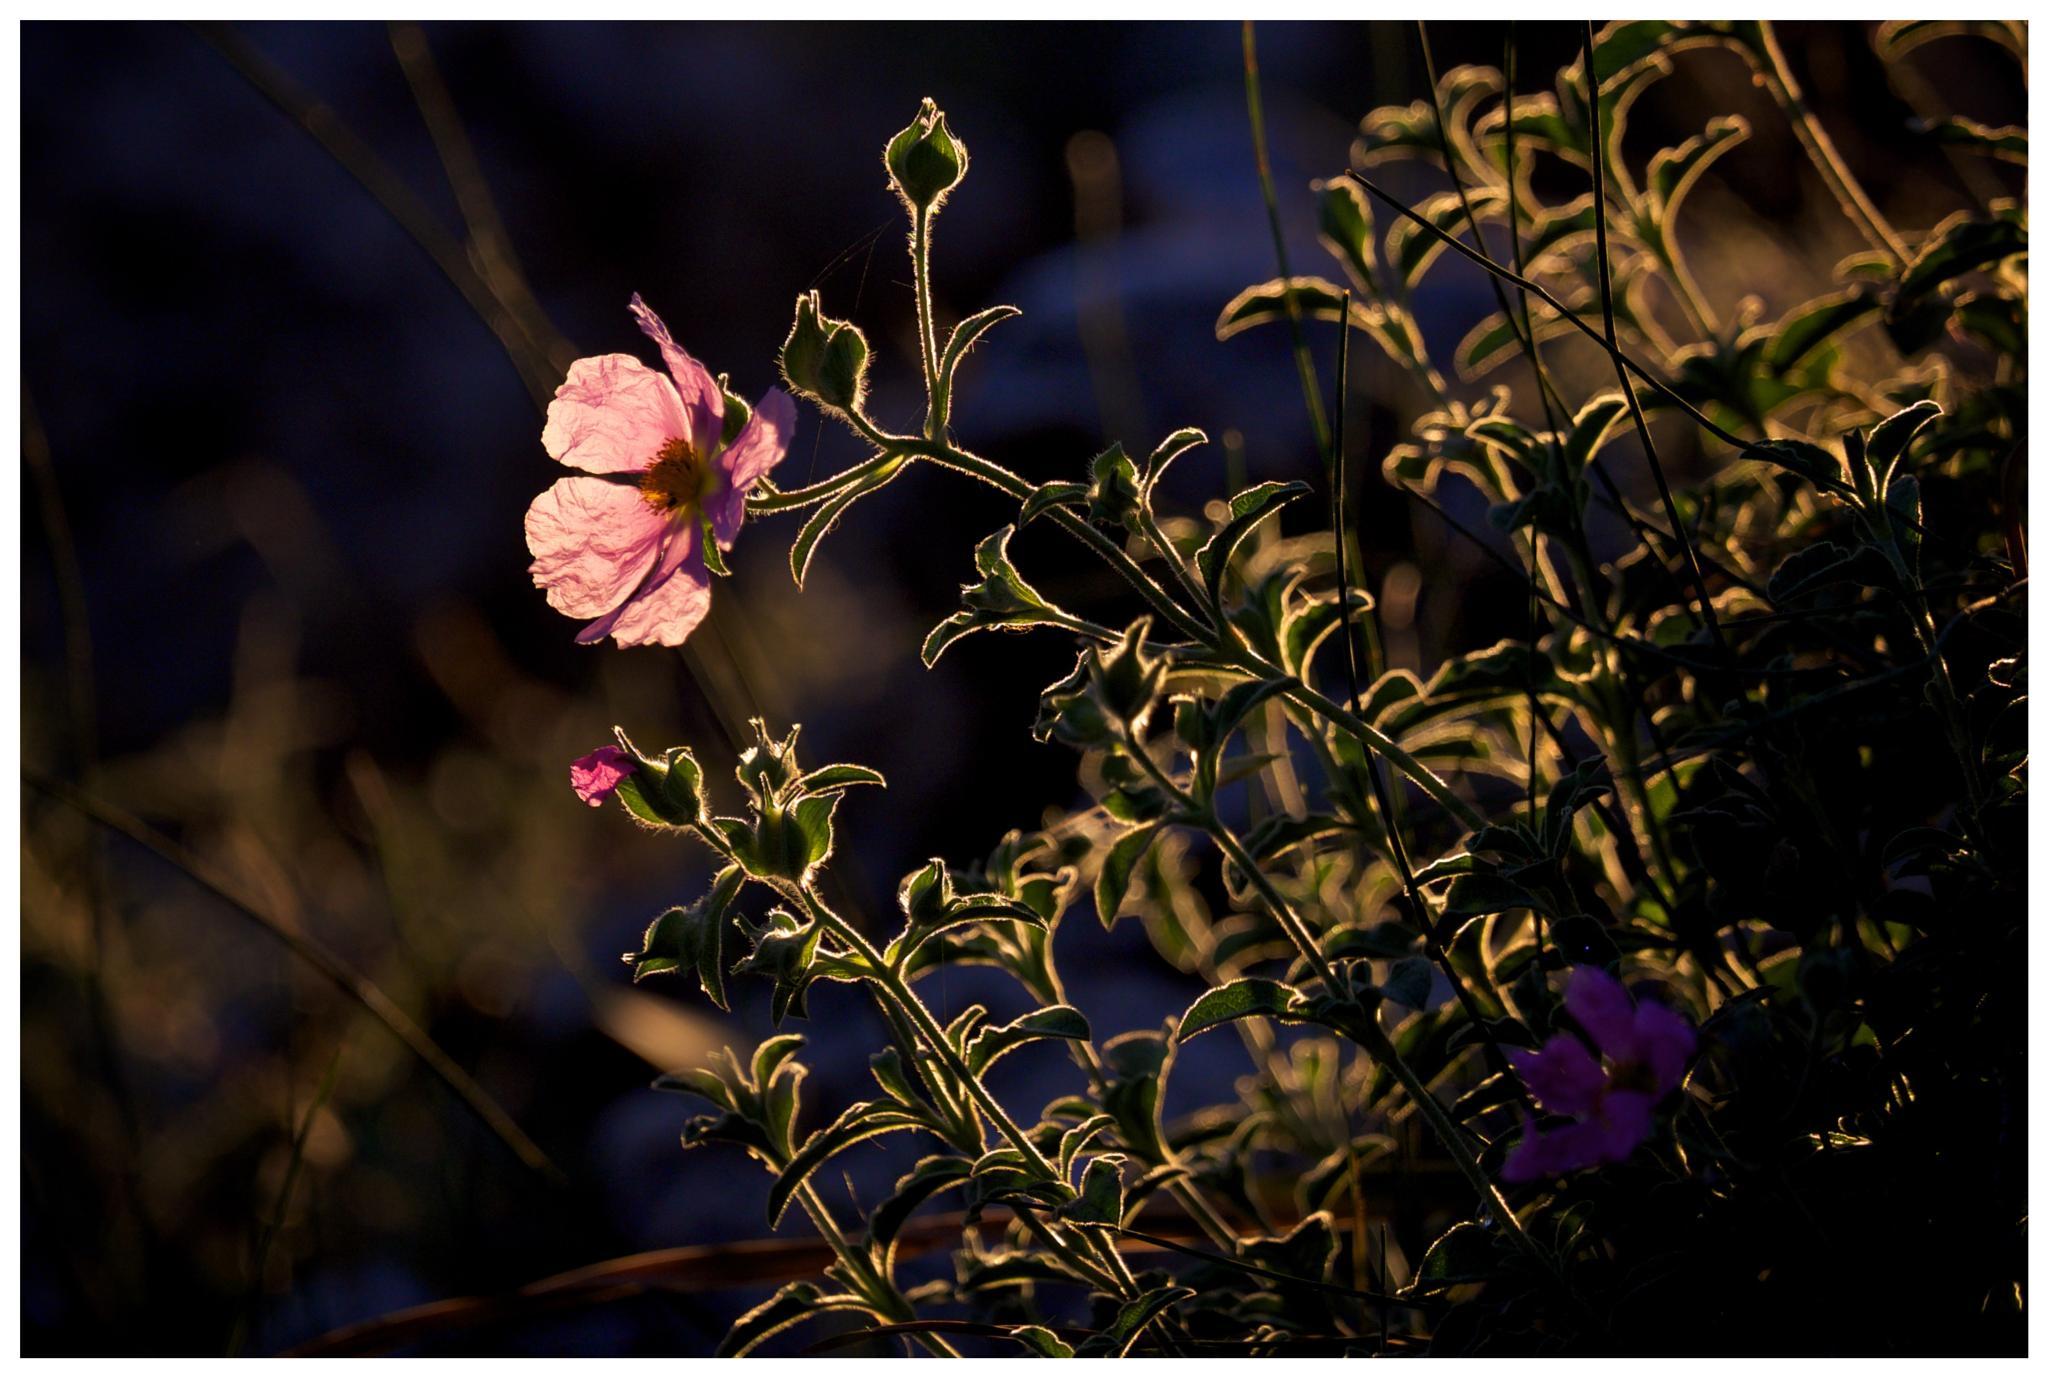 Forest flowers by David Plotnikov